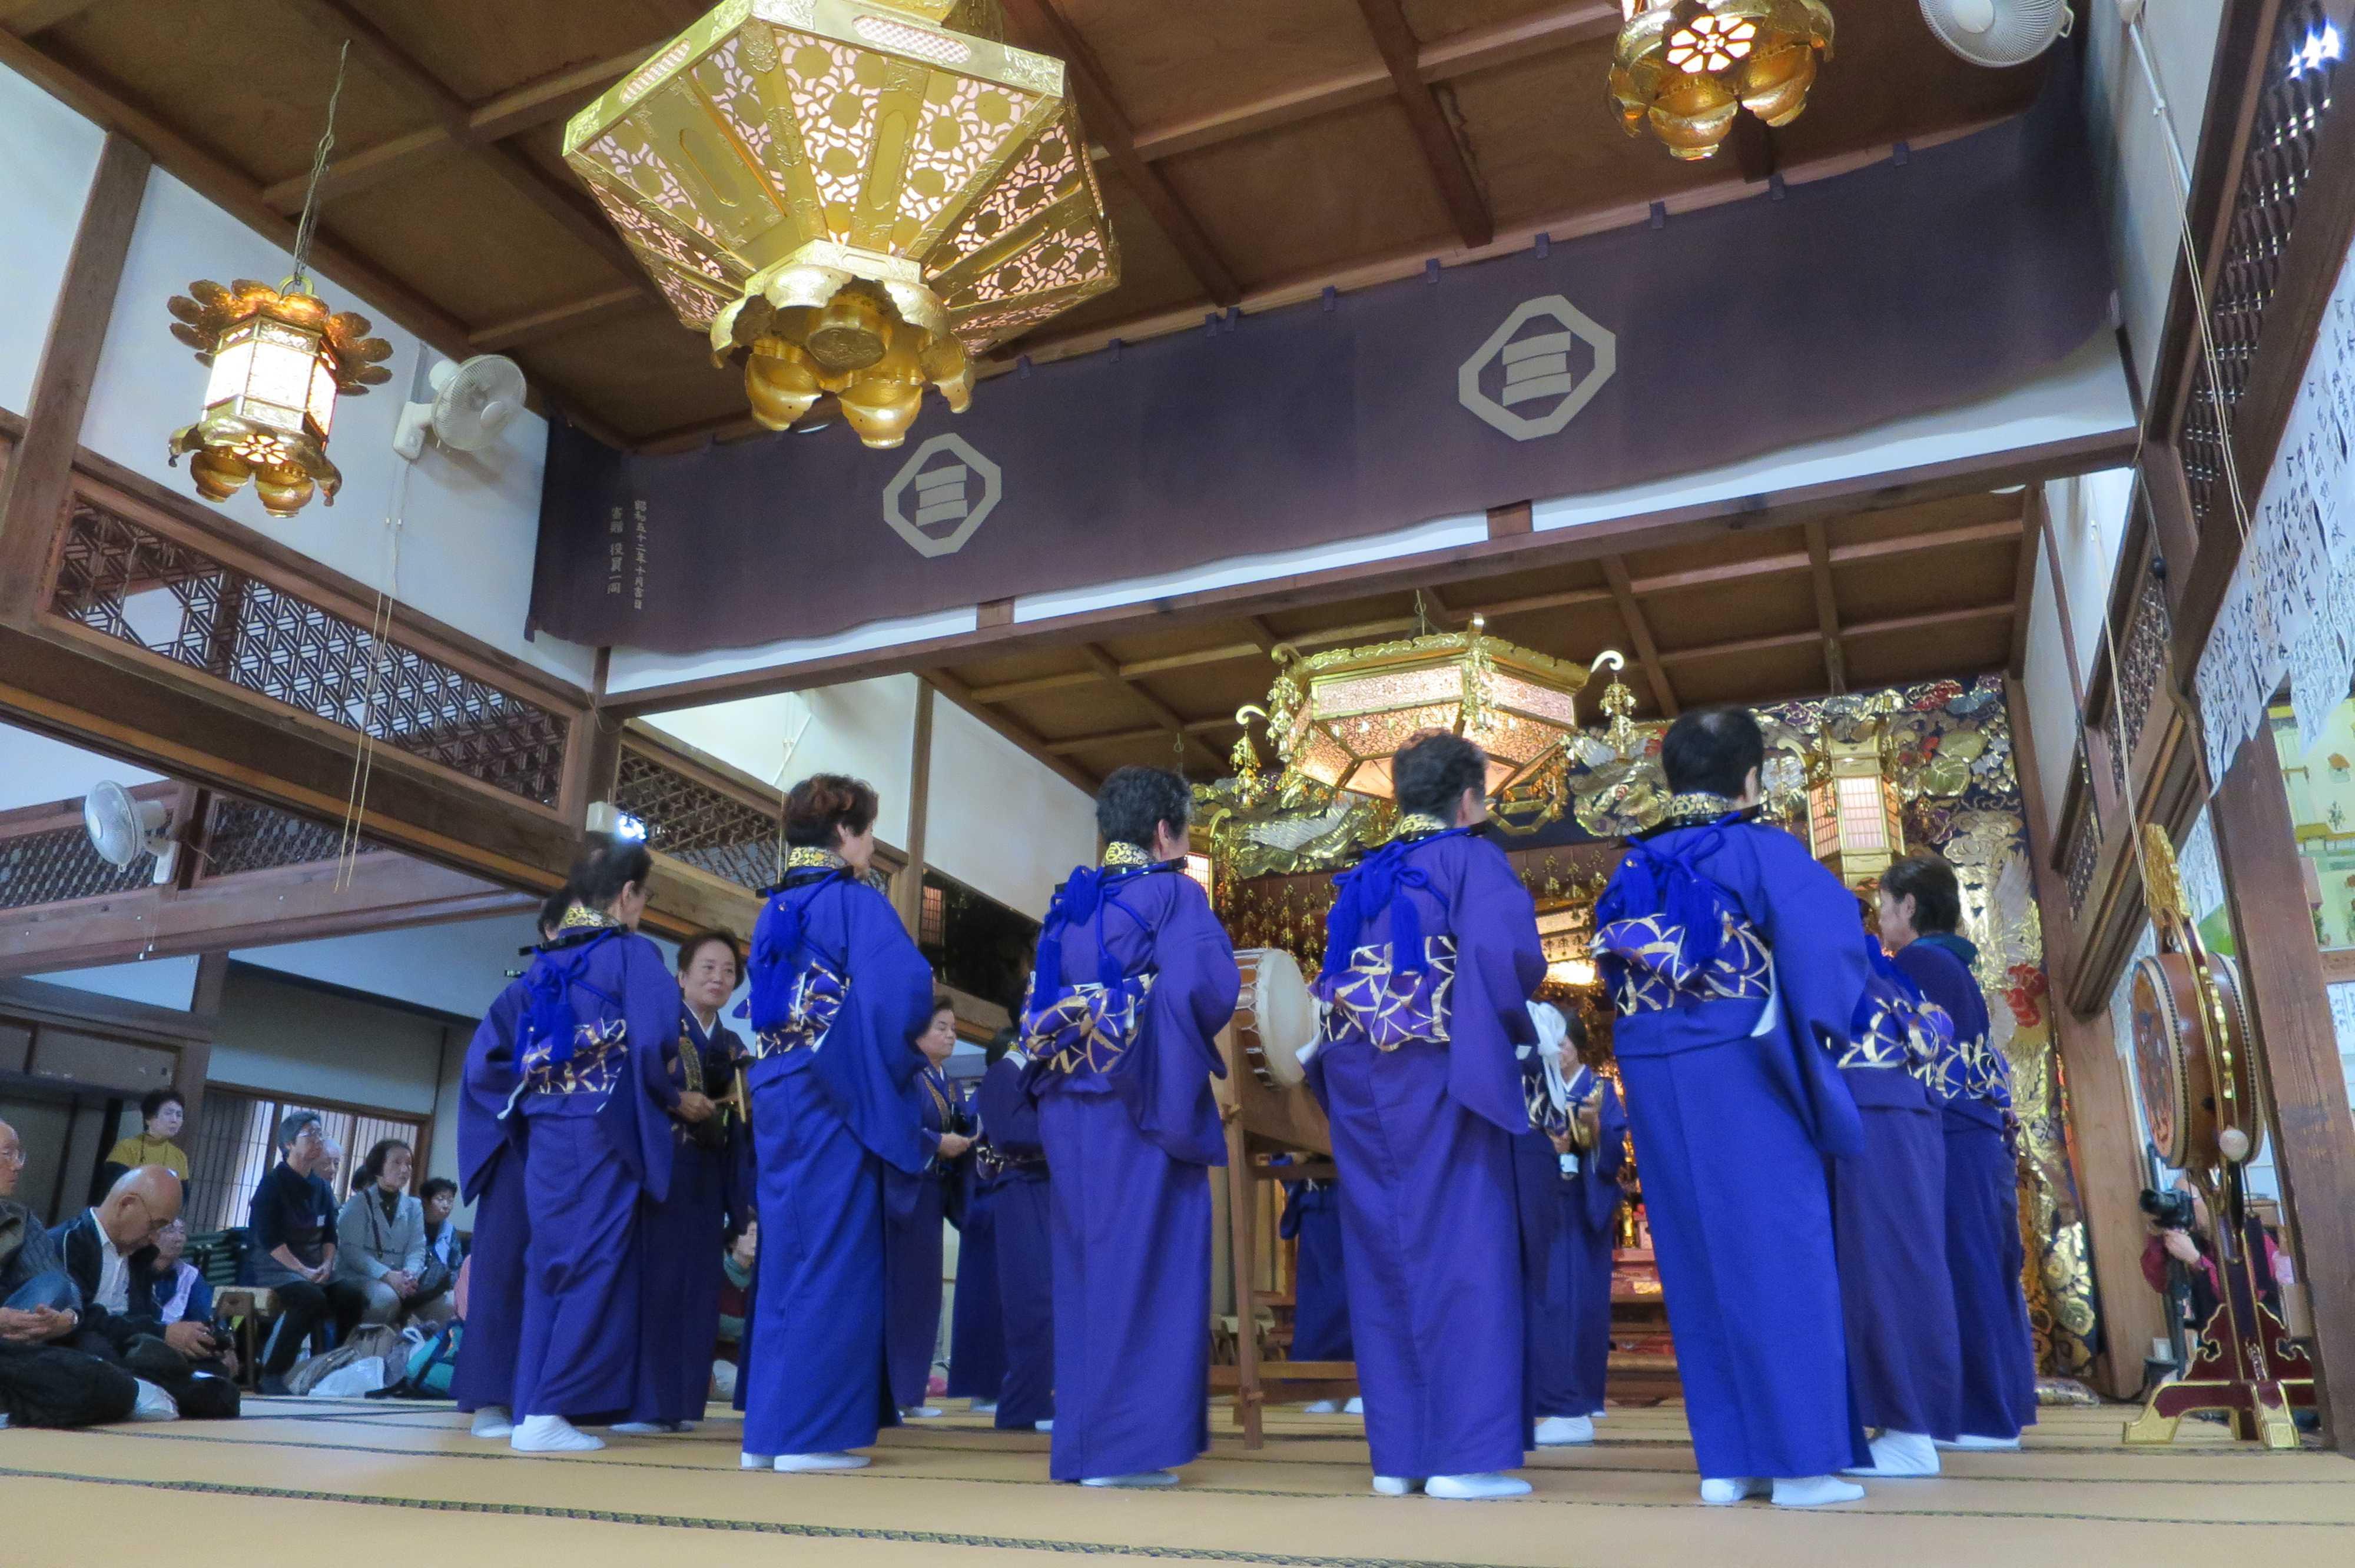 無量光寺の踊り念仏 - 踊り手の女性たち